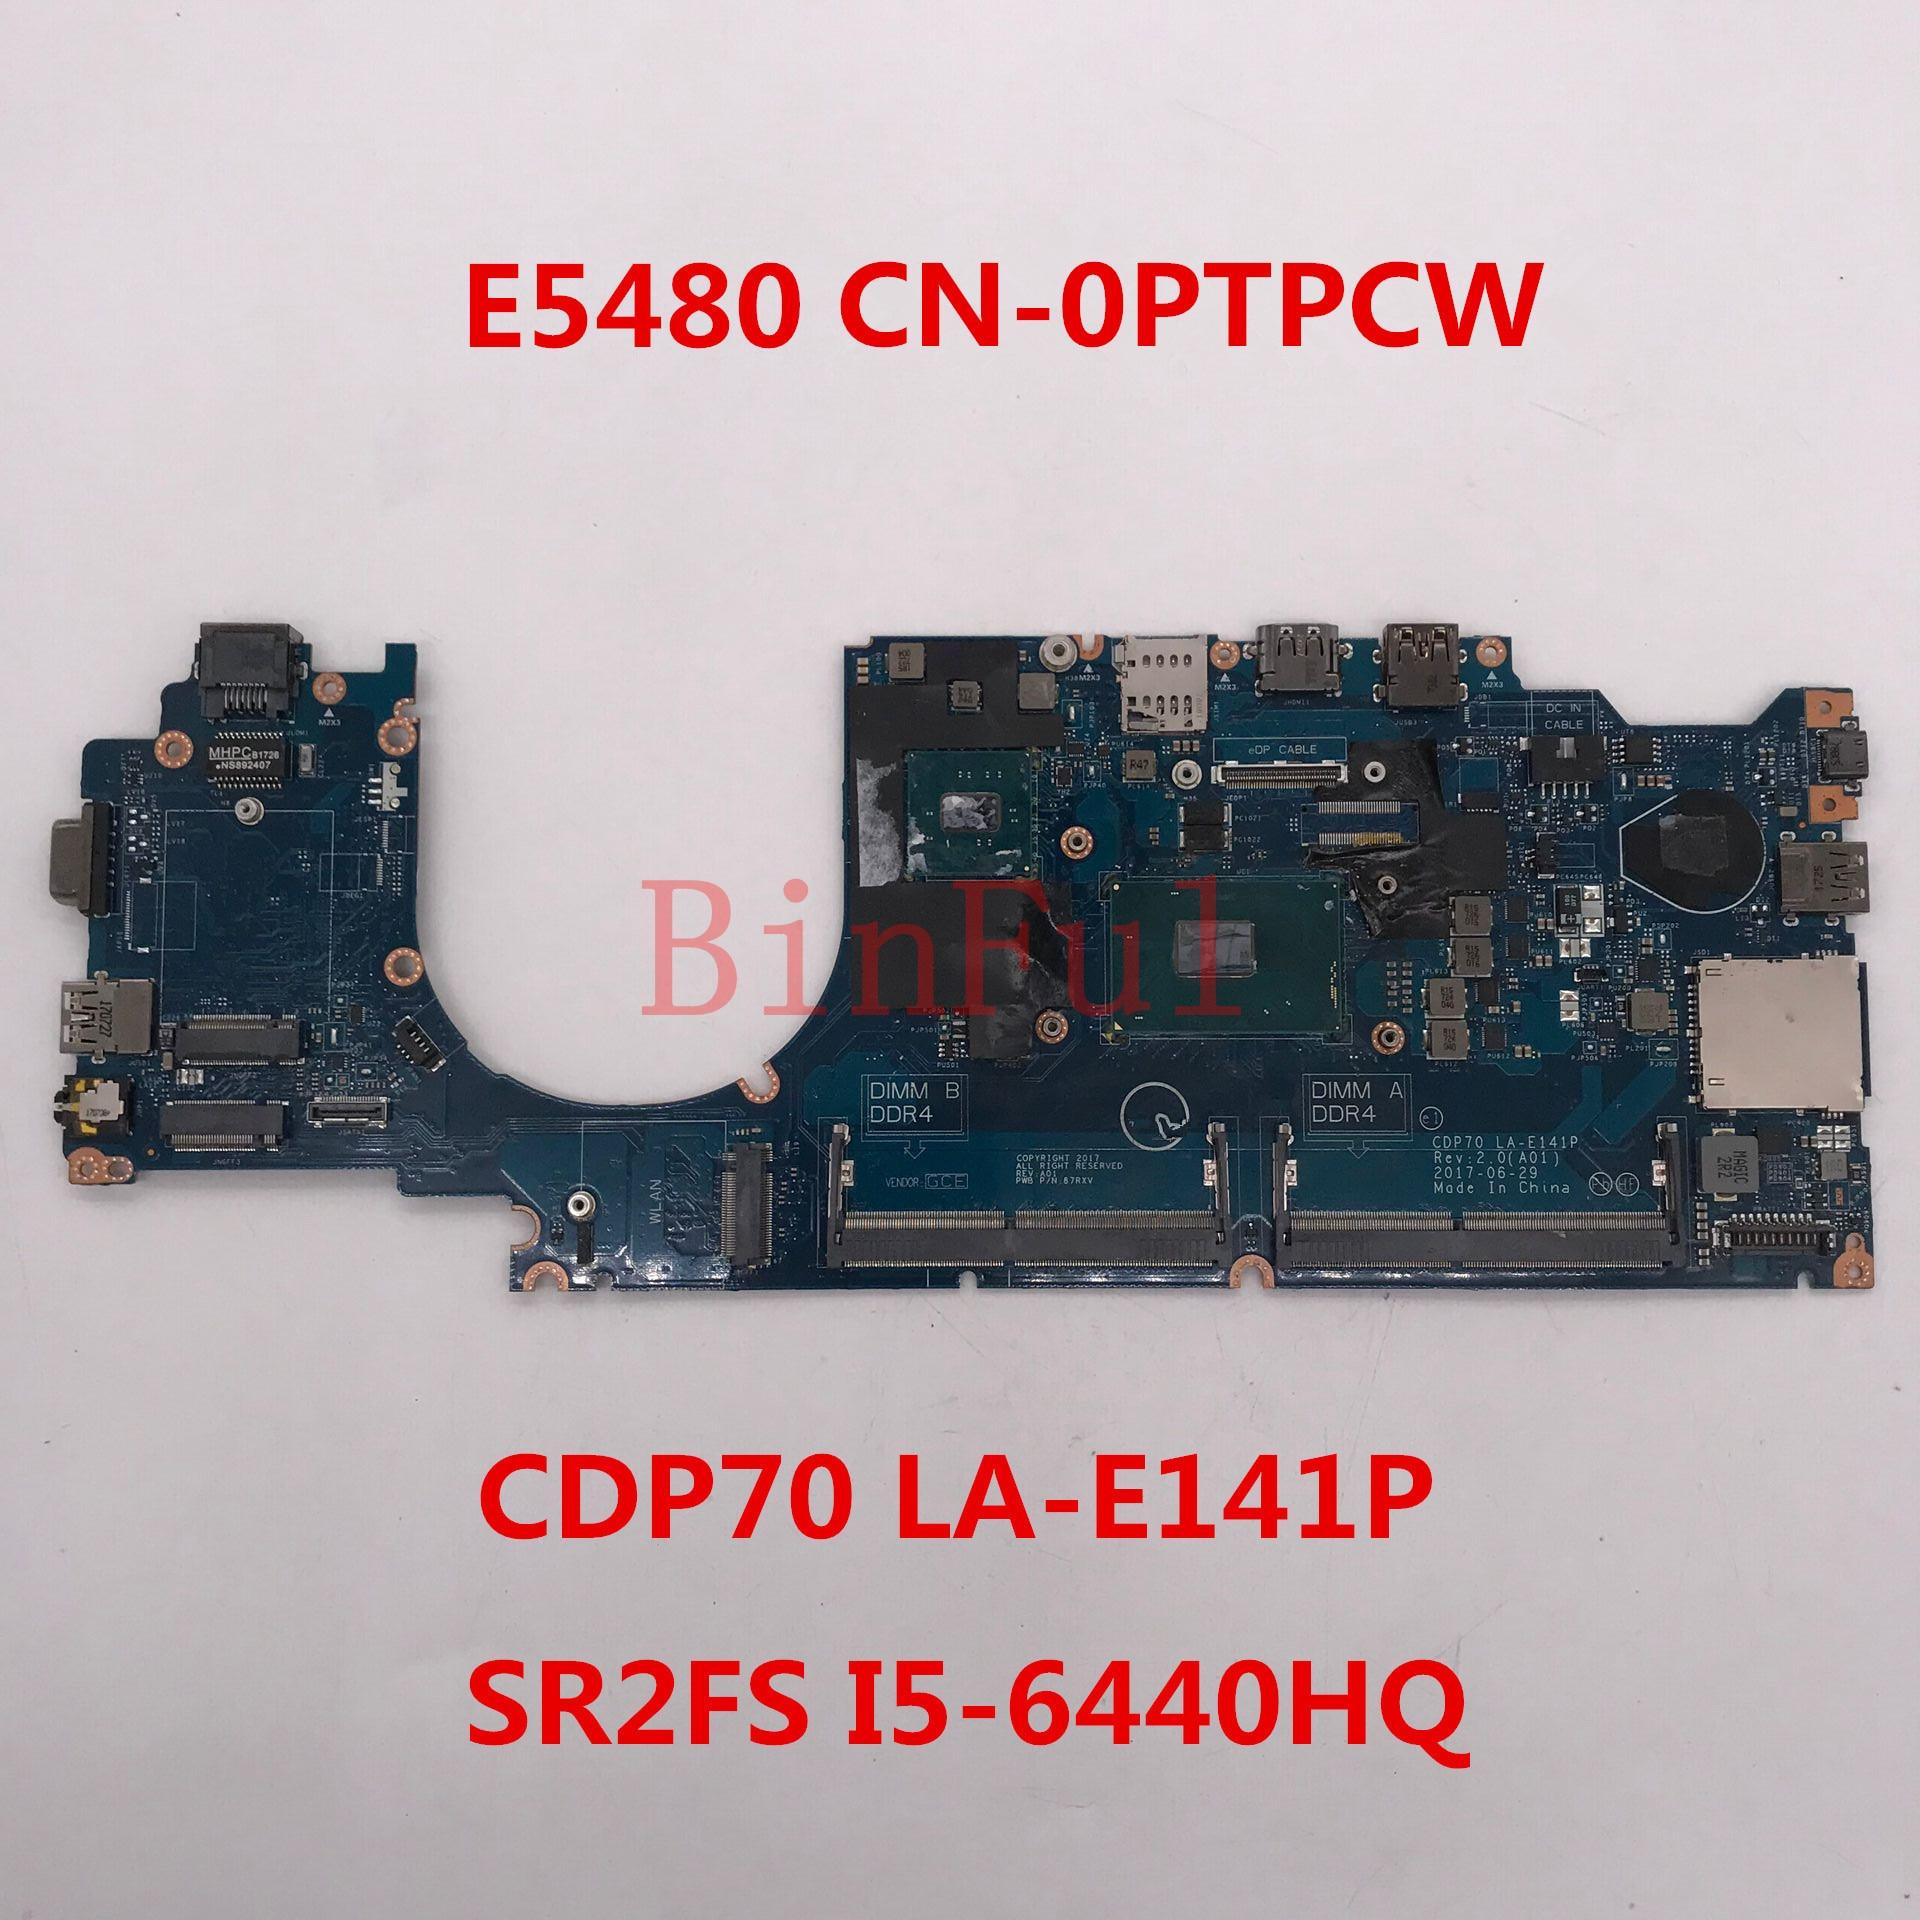 Para DELL Latitude E5480 Laptop placa base CN-0PTPCW 0PTPCW CDP70 LA-E141P SR2FS I5-6440HQ CPU 100% probado por completo